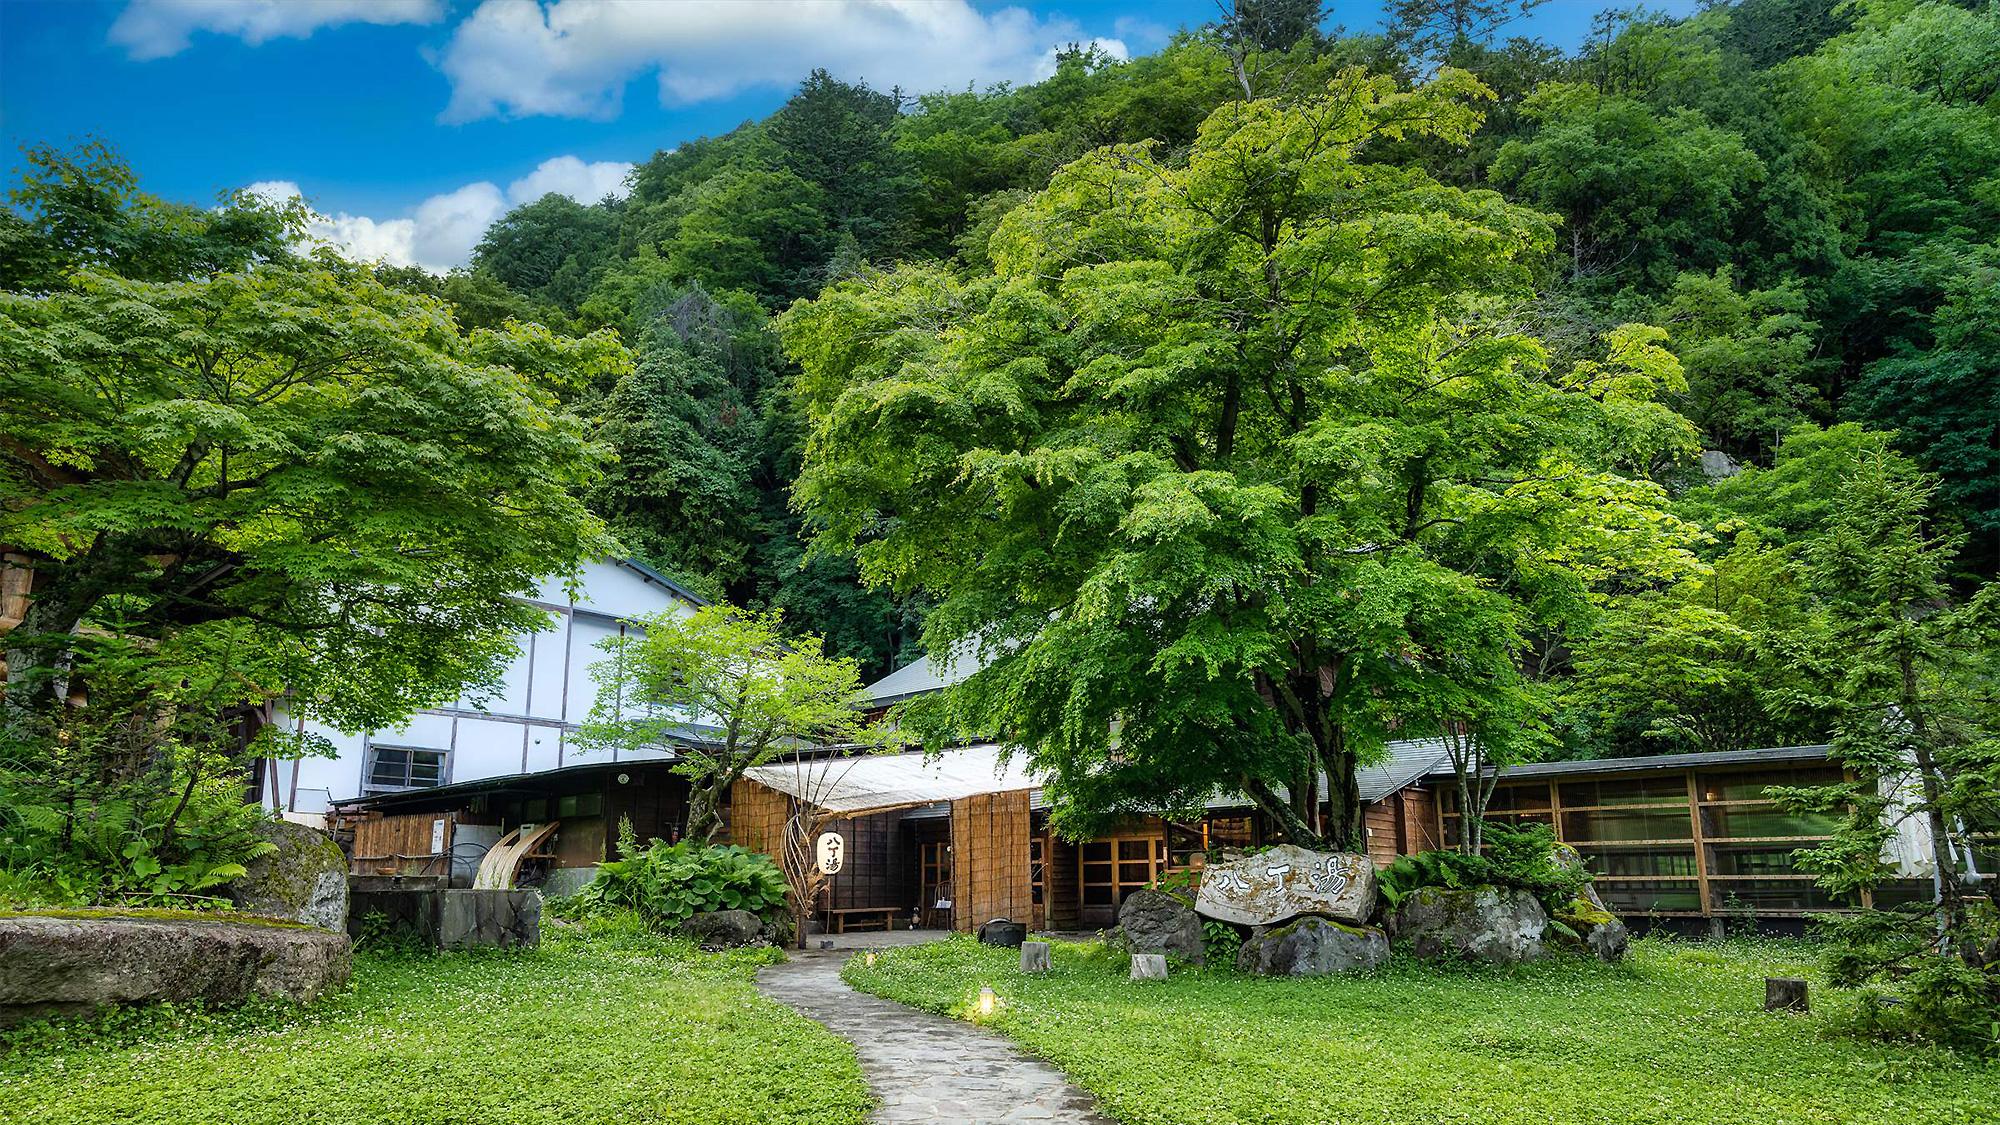 日光・奥鬼怒温泉郷の山の宿 八丁の湯